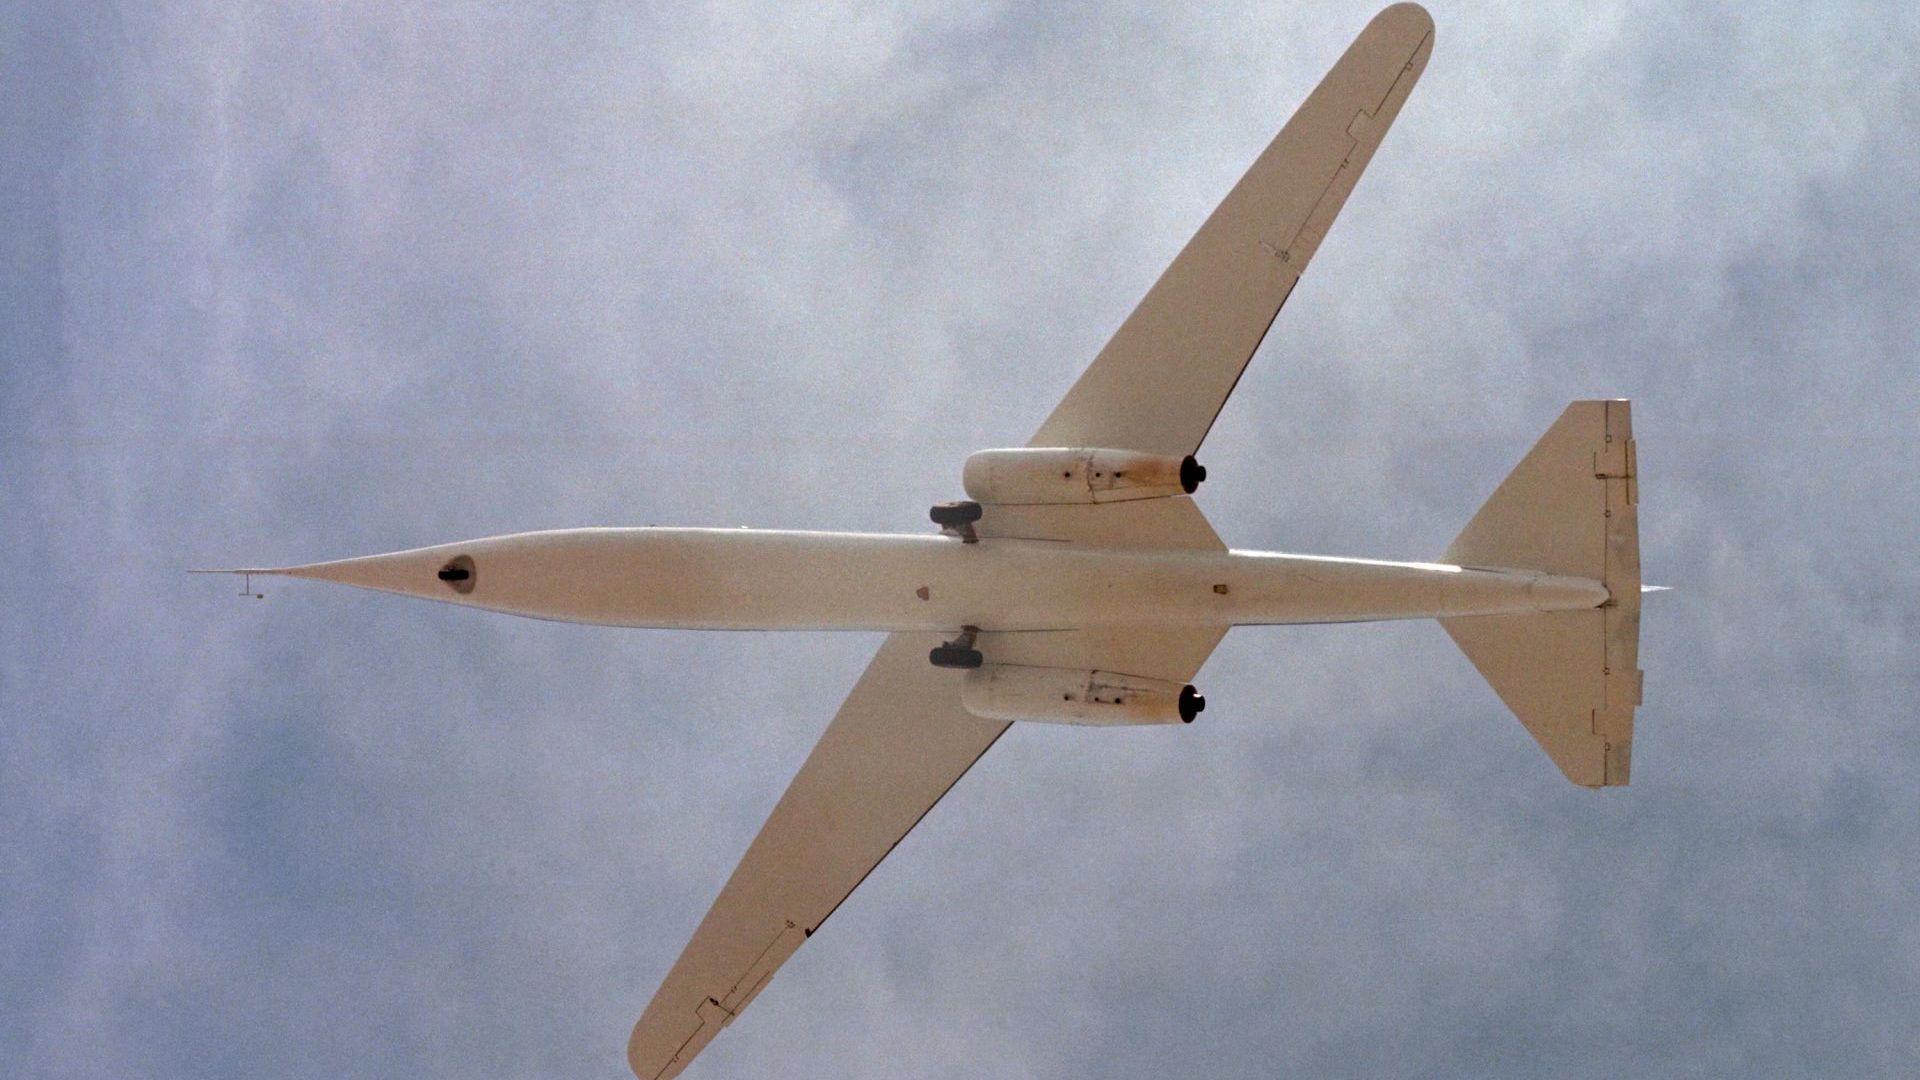 Тайният самолет с асиметрични крила на НАСА (снимки)